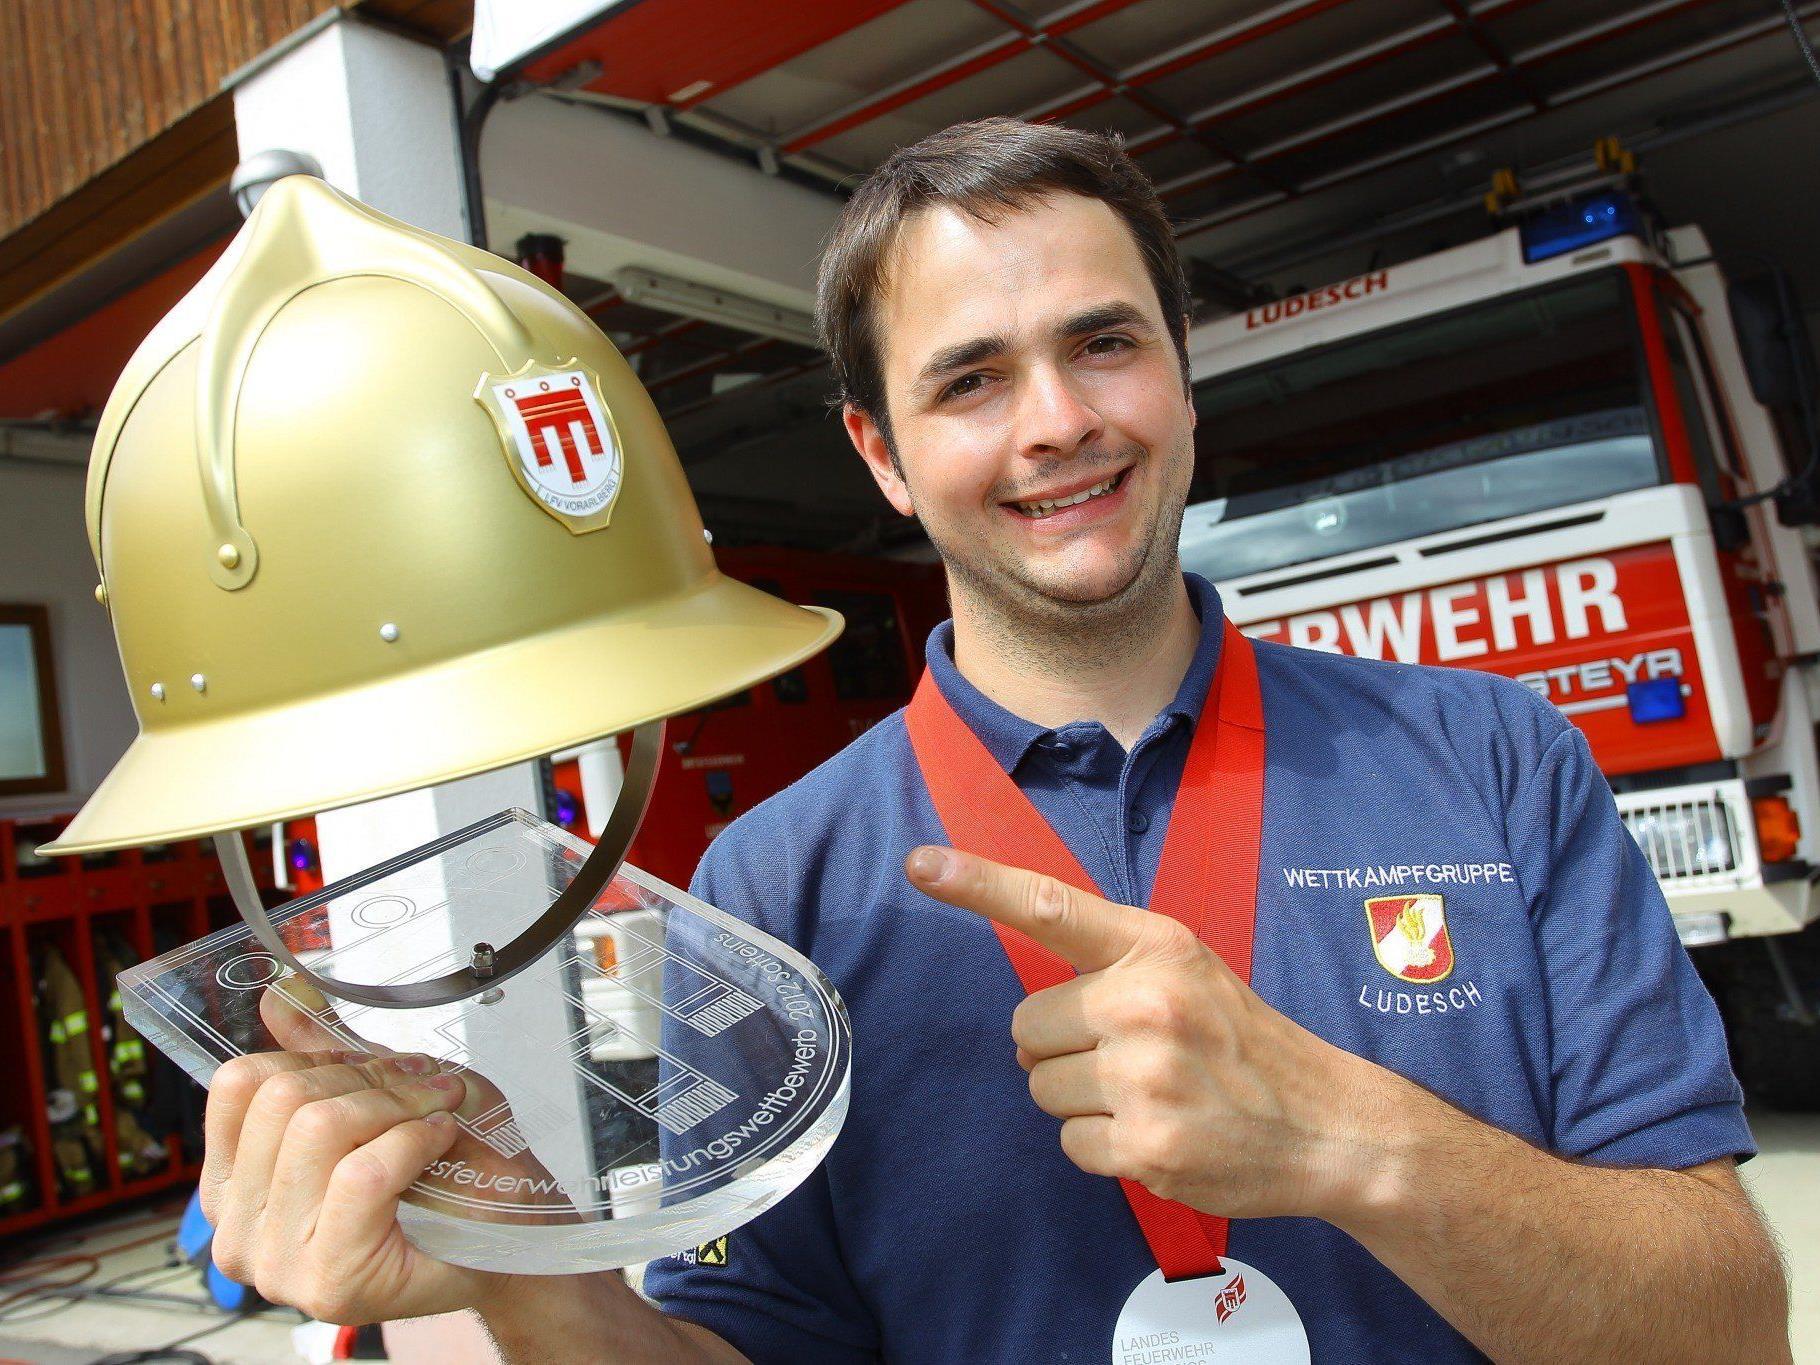 Feuerwehrmann Martin Schanung: Schanung ist Vizekommandant der Ludescher Wehr die letztes Jahr den Goldenen Helm gewinnen konnte